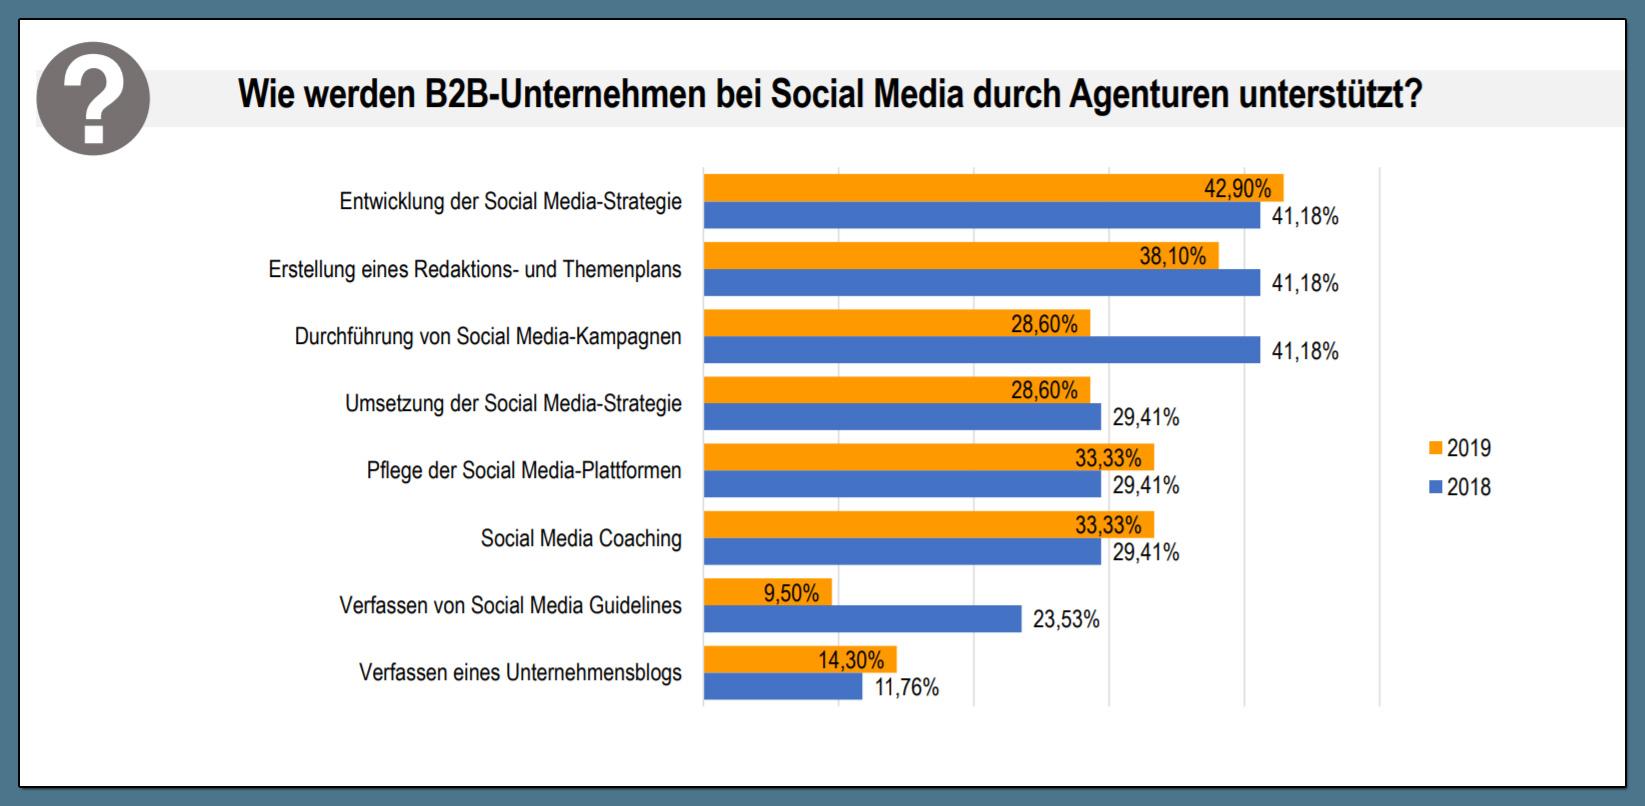 Was ist die Aufgabe von B2B Social Media Agenturen?